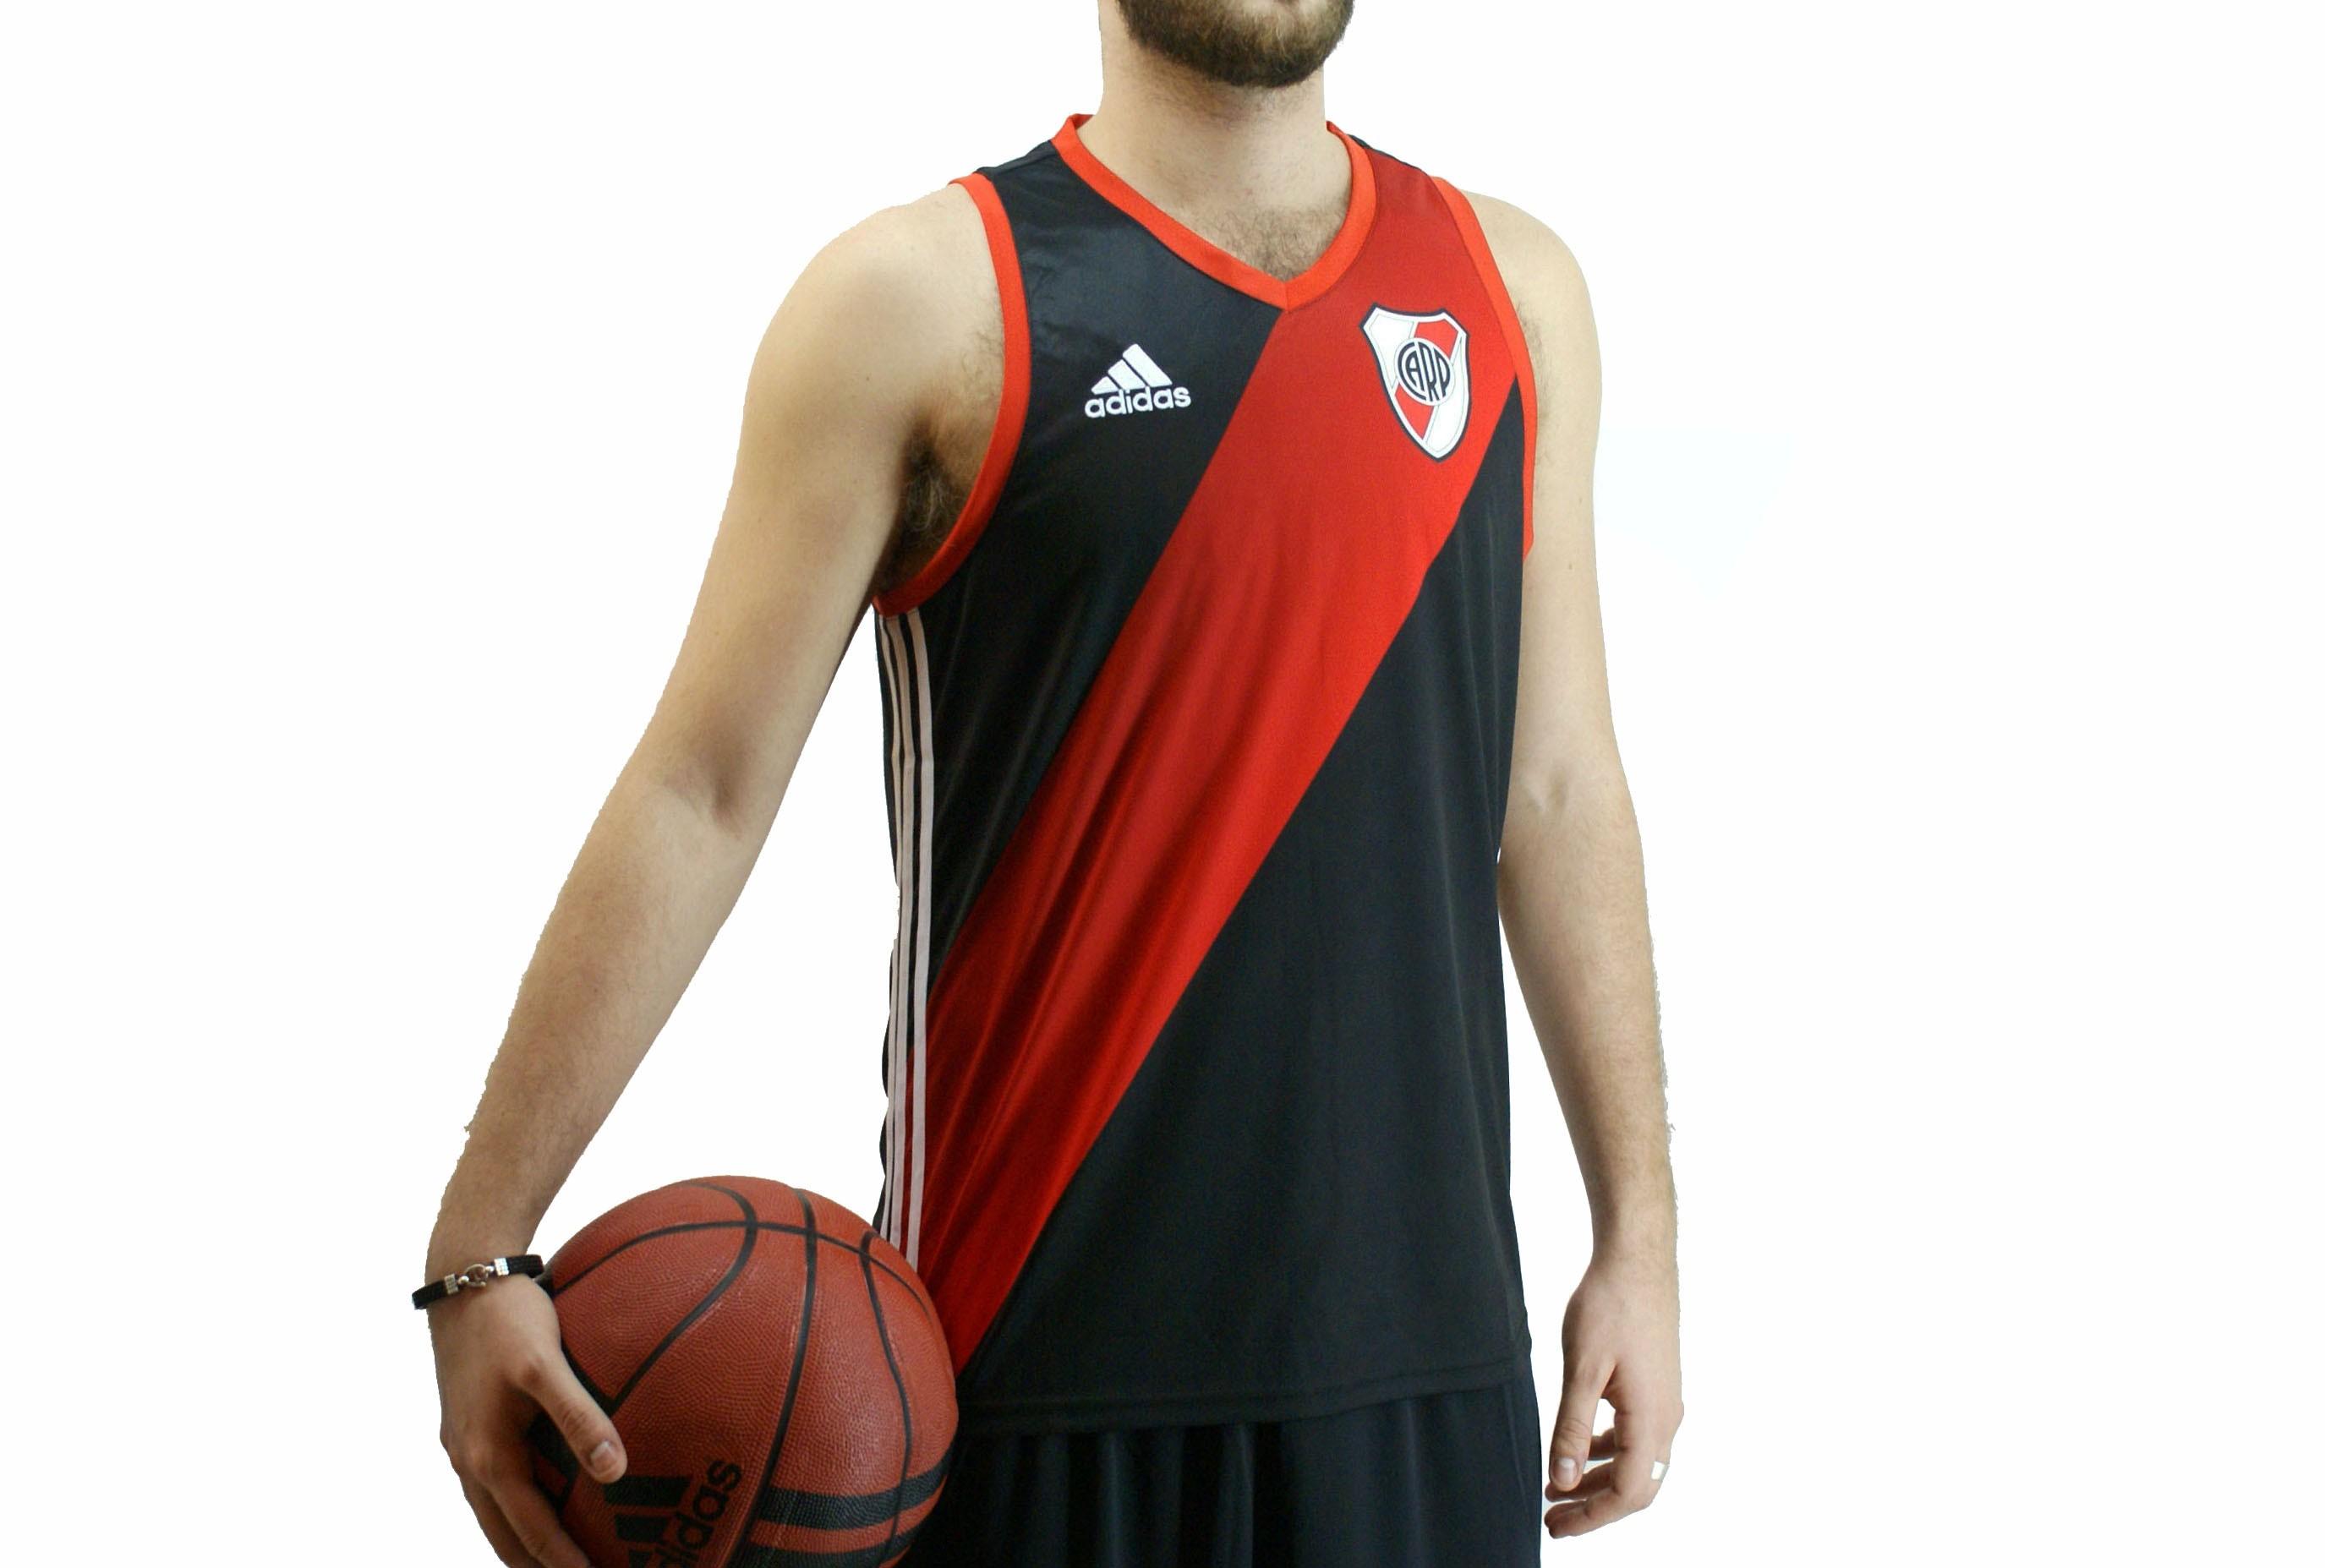 Musculosa Adidas River Basquet Negro Rojo Hombre Deporfan ... d0a367a3f3796